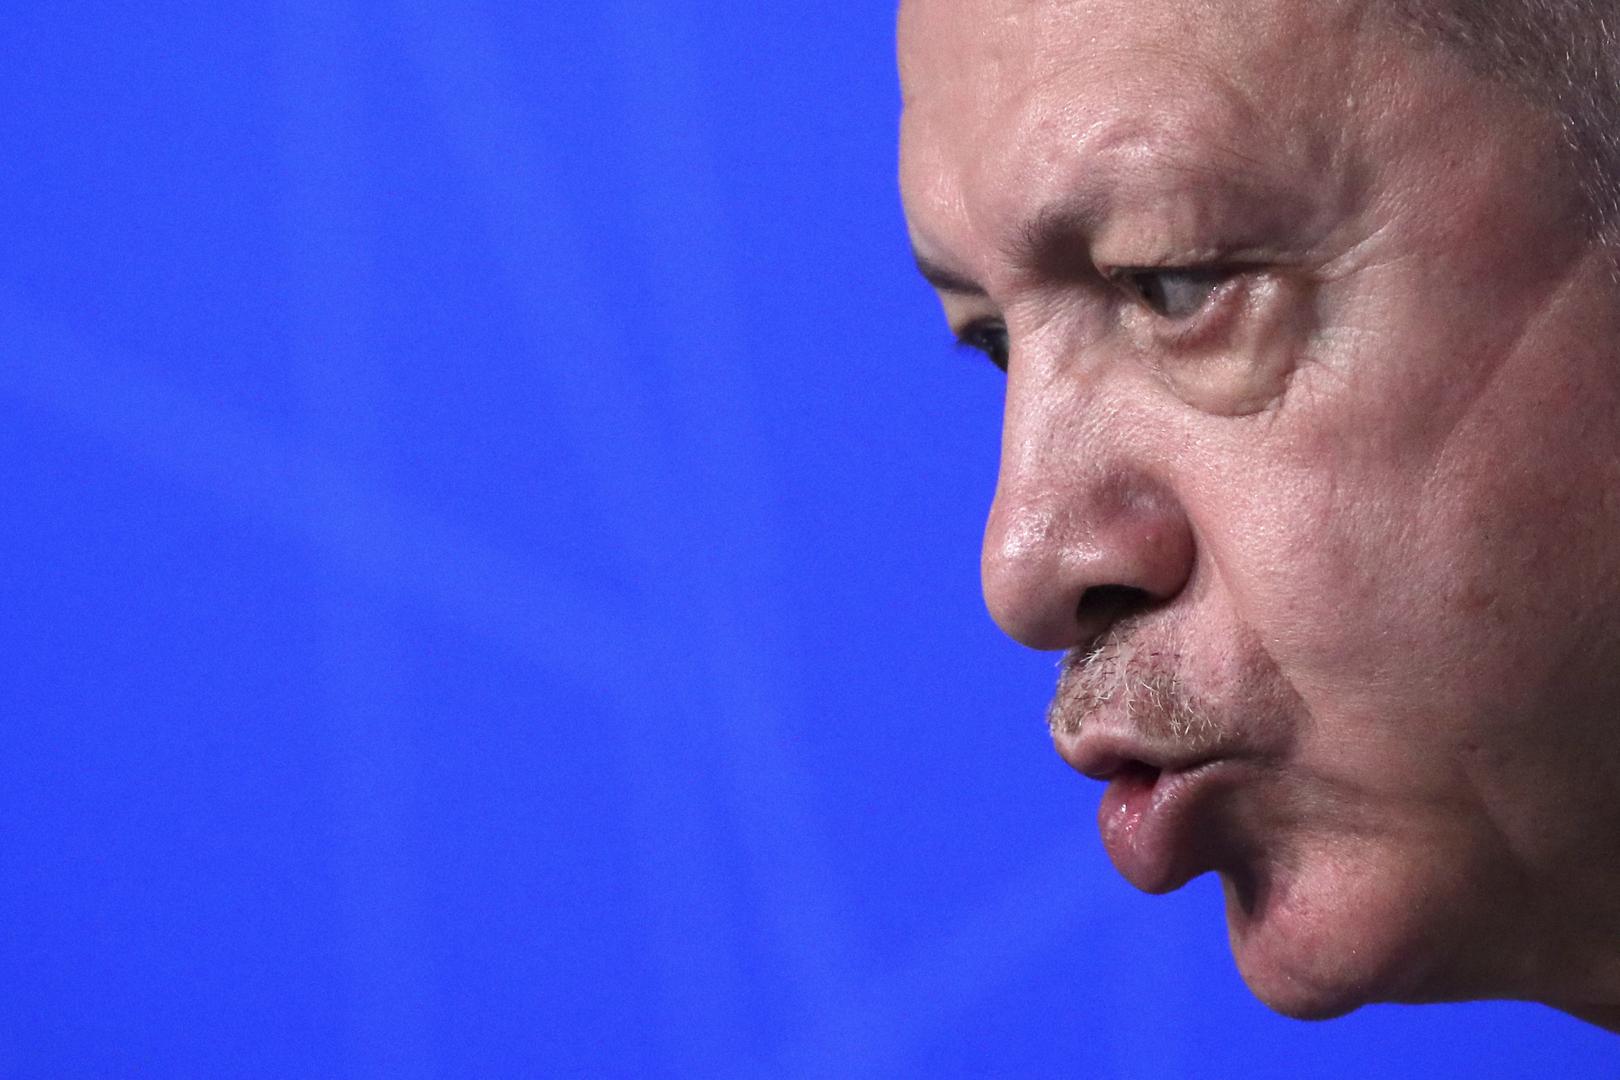 أردوغان: الحكومة السورية تشكل خطرا على تركيا ونتوقع من روسيا نهجا مختلفا